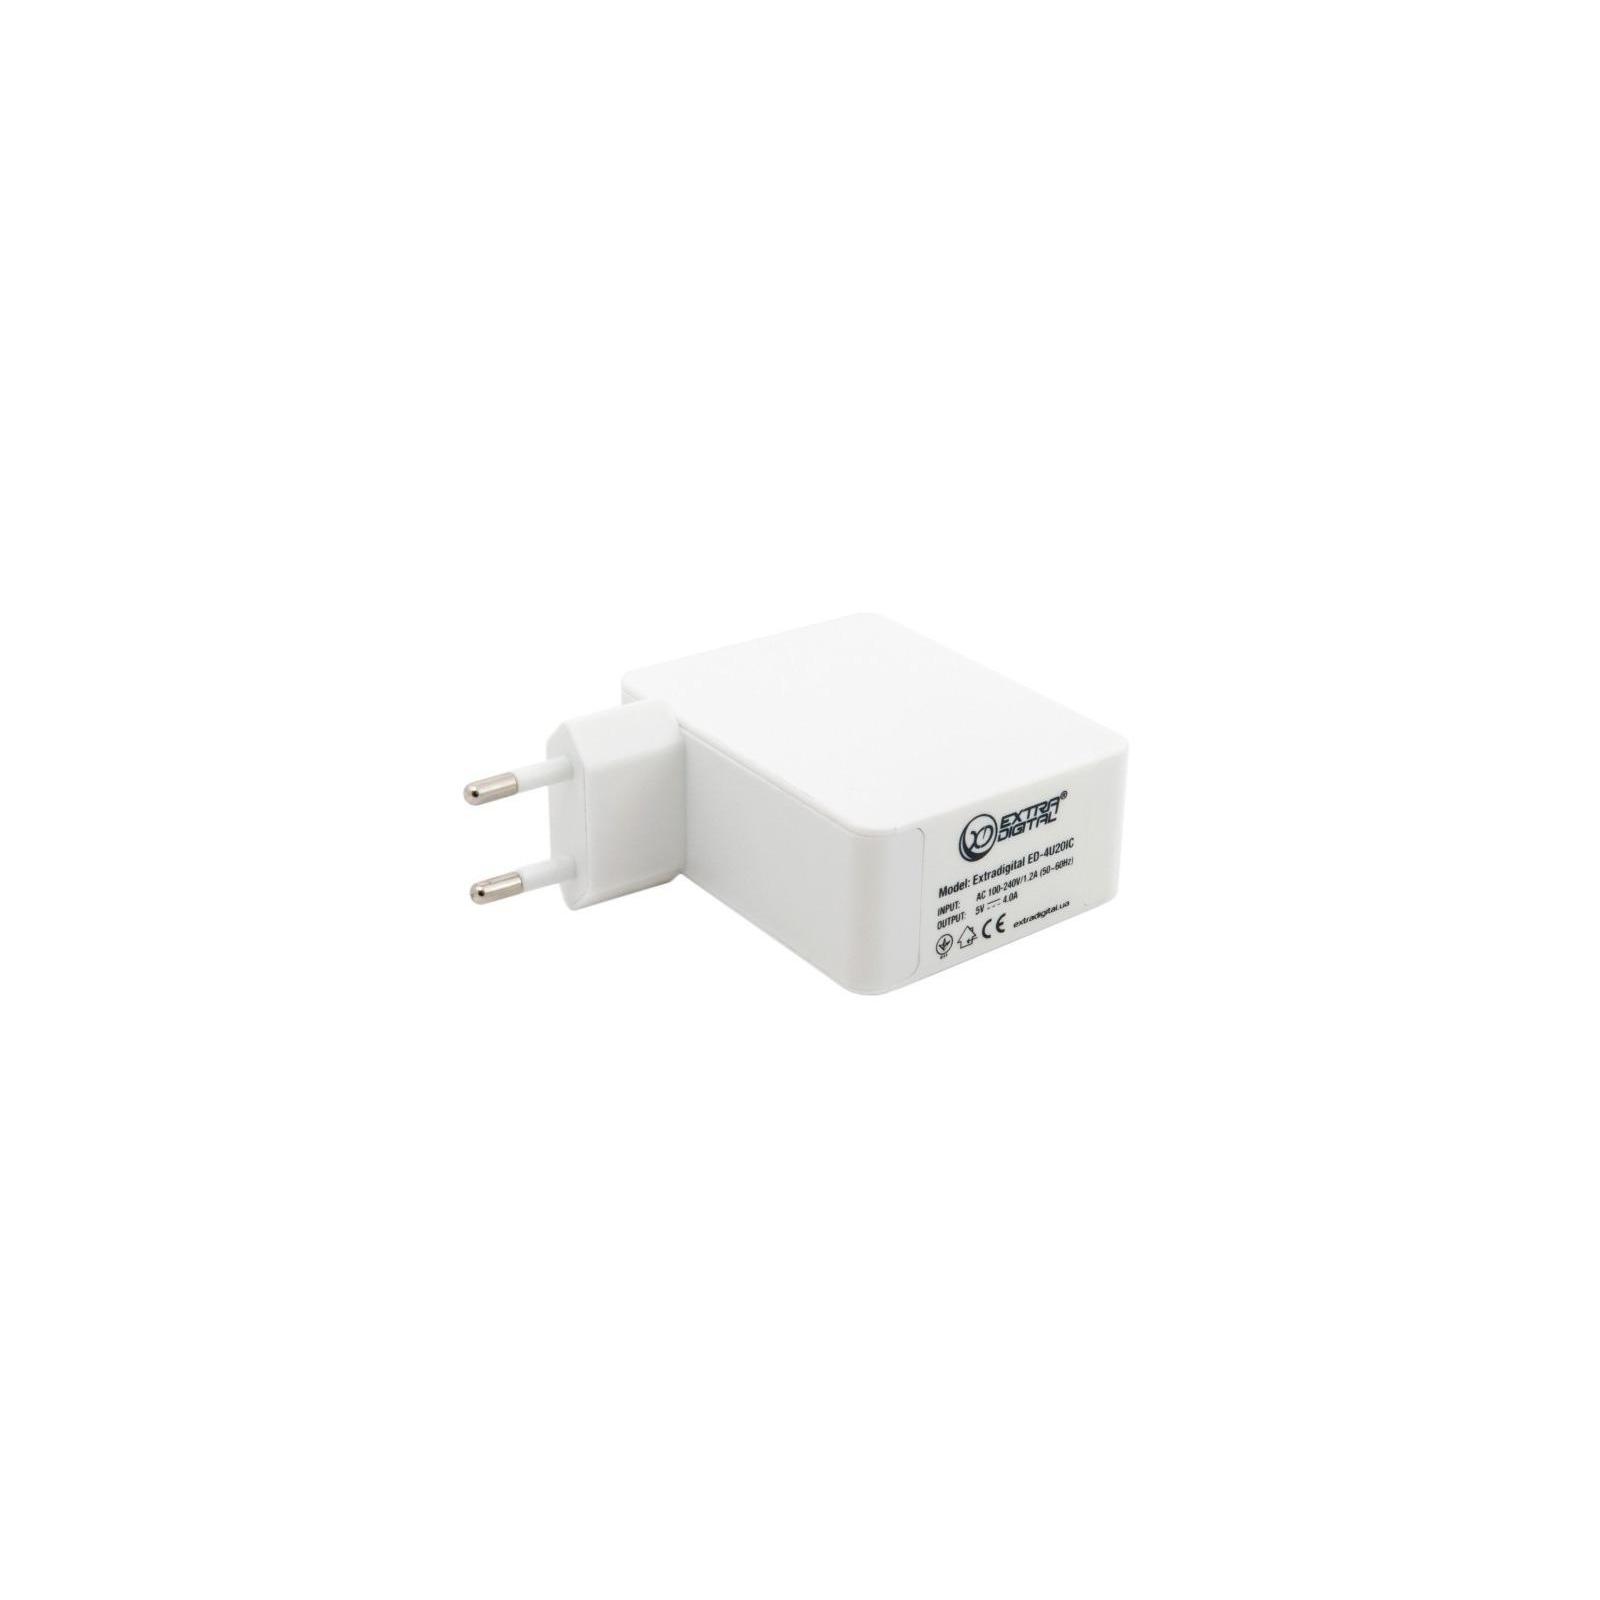 Зарядное устройство Extradigital IQ Charger ED-4U20IC 4*USB, 4A (CUE1527) изображение 3